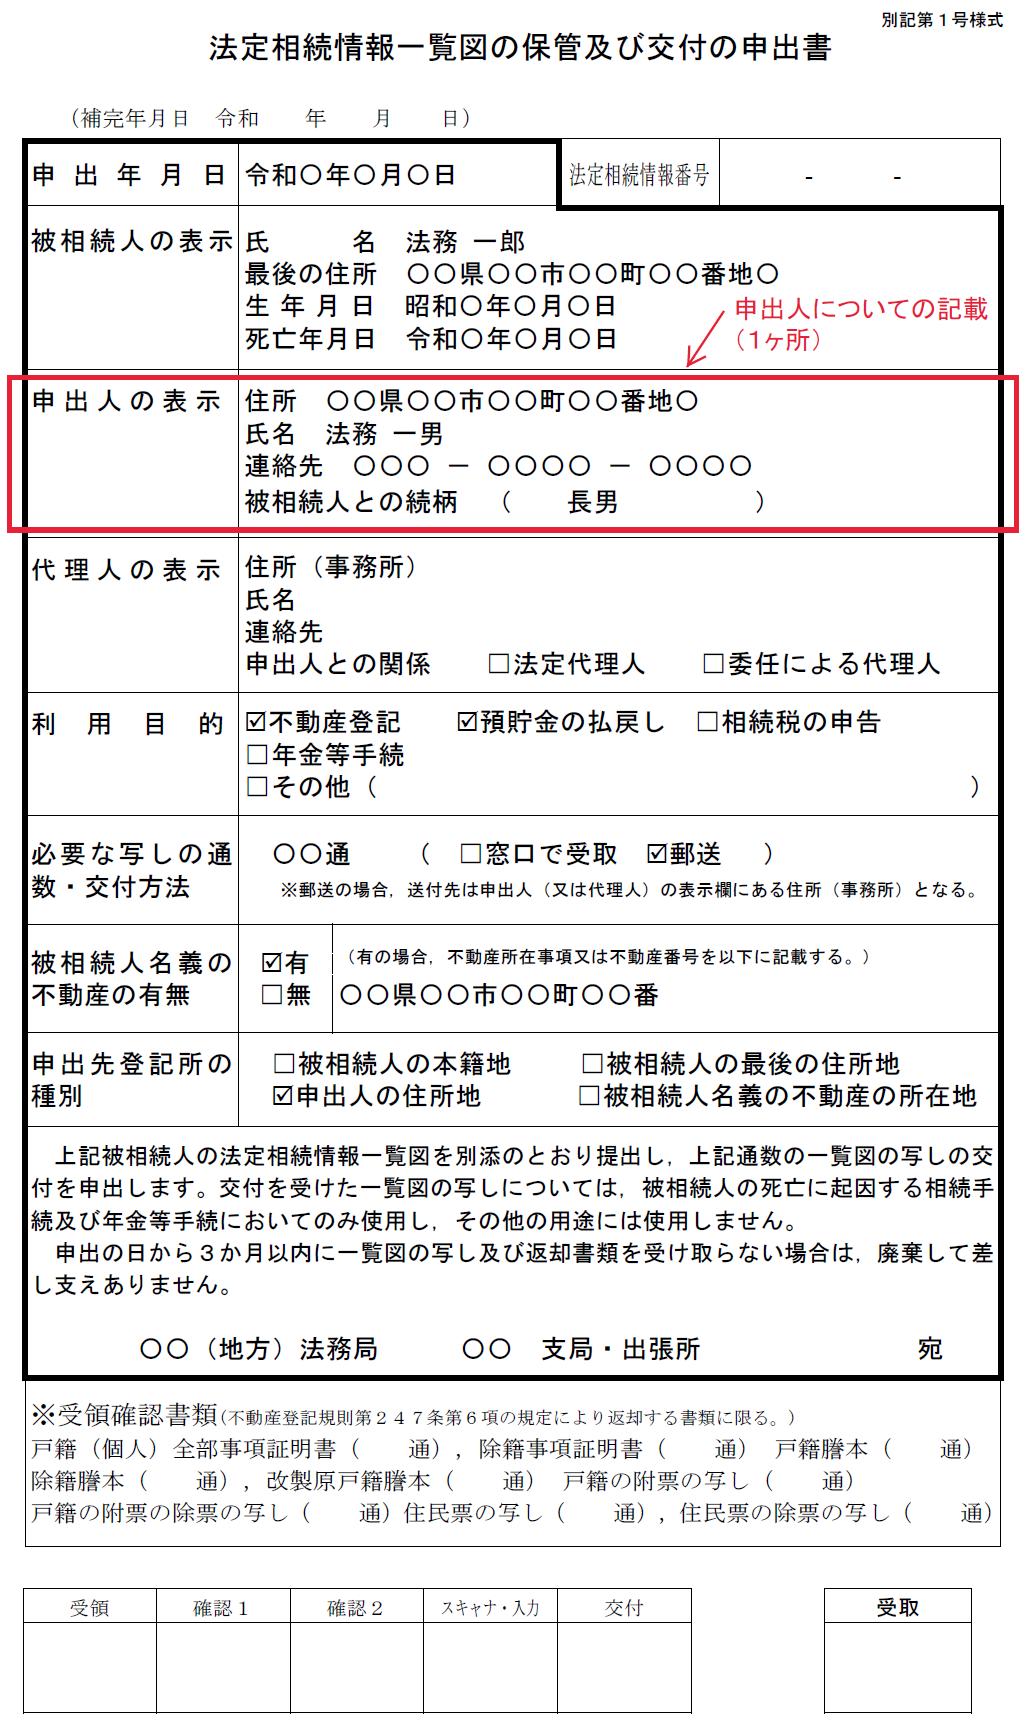 申出書の申出人の記載箇所と記載方法